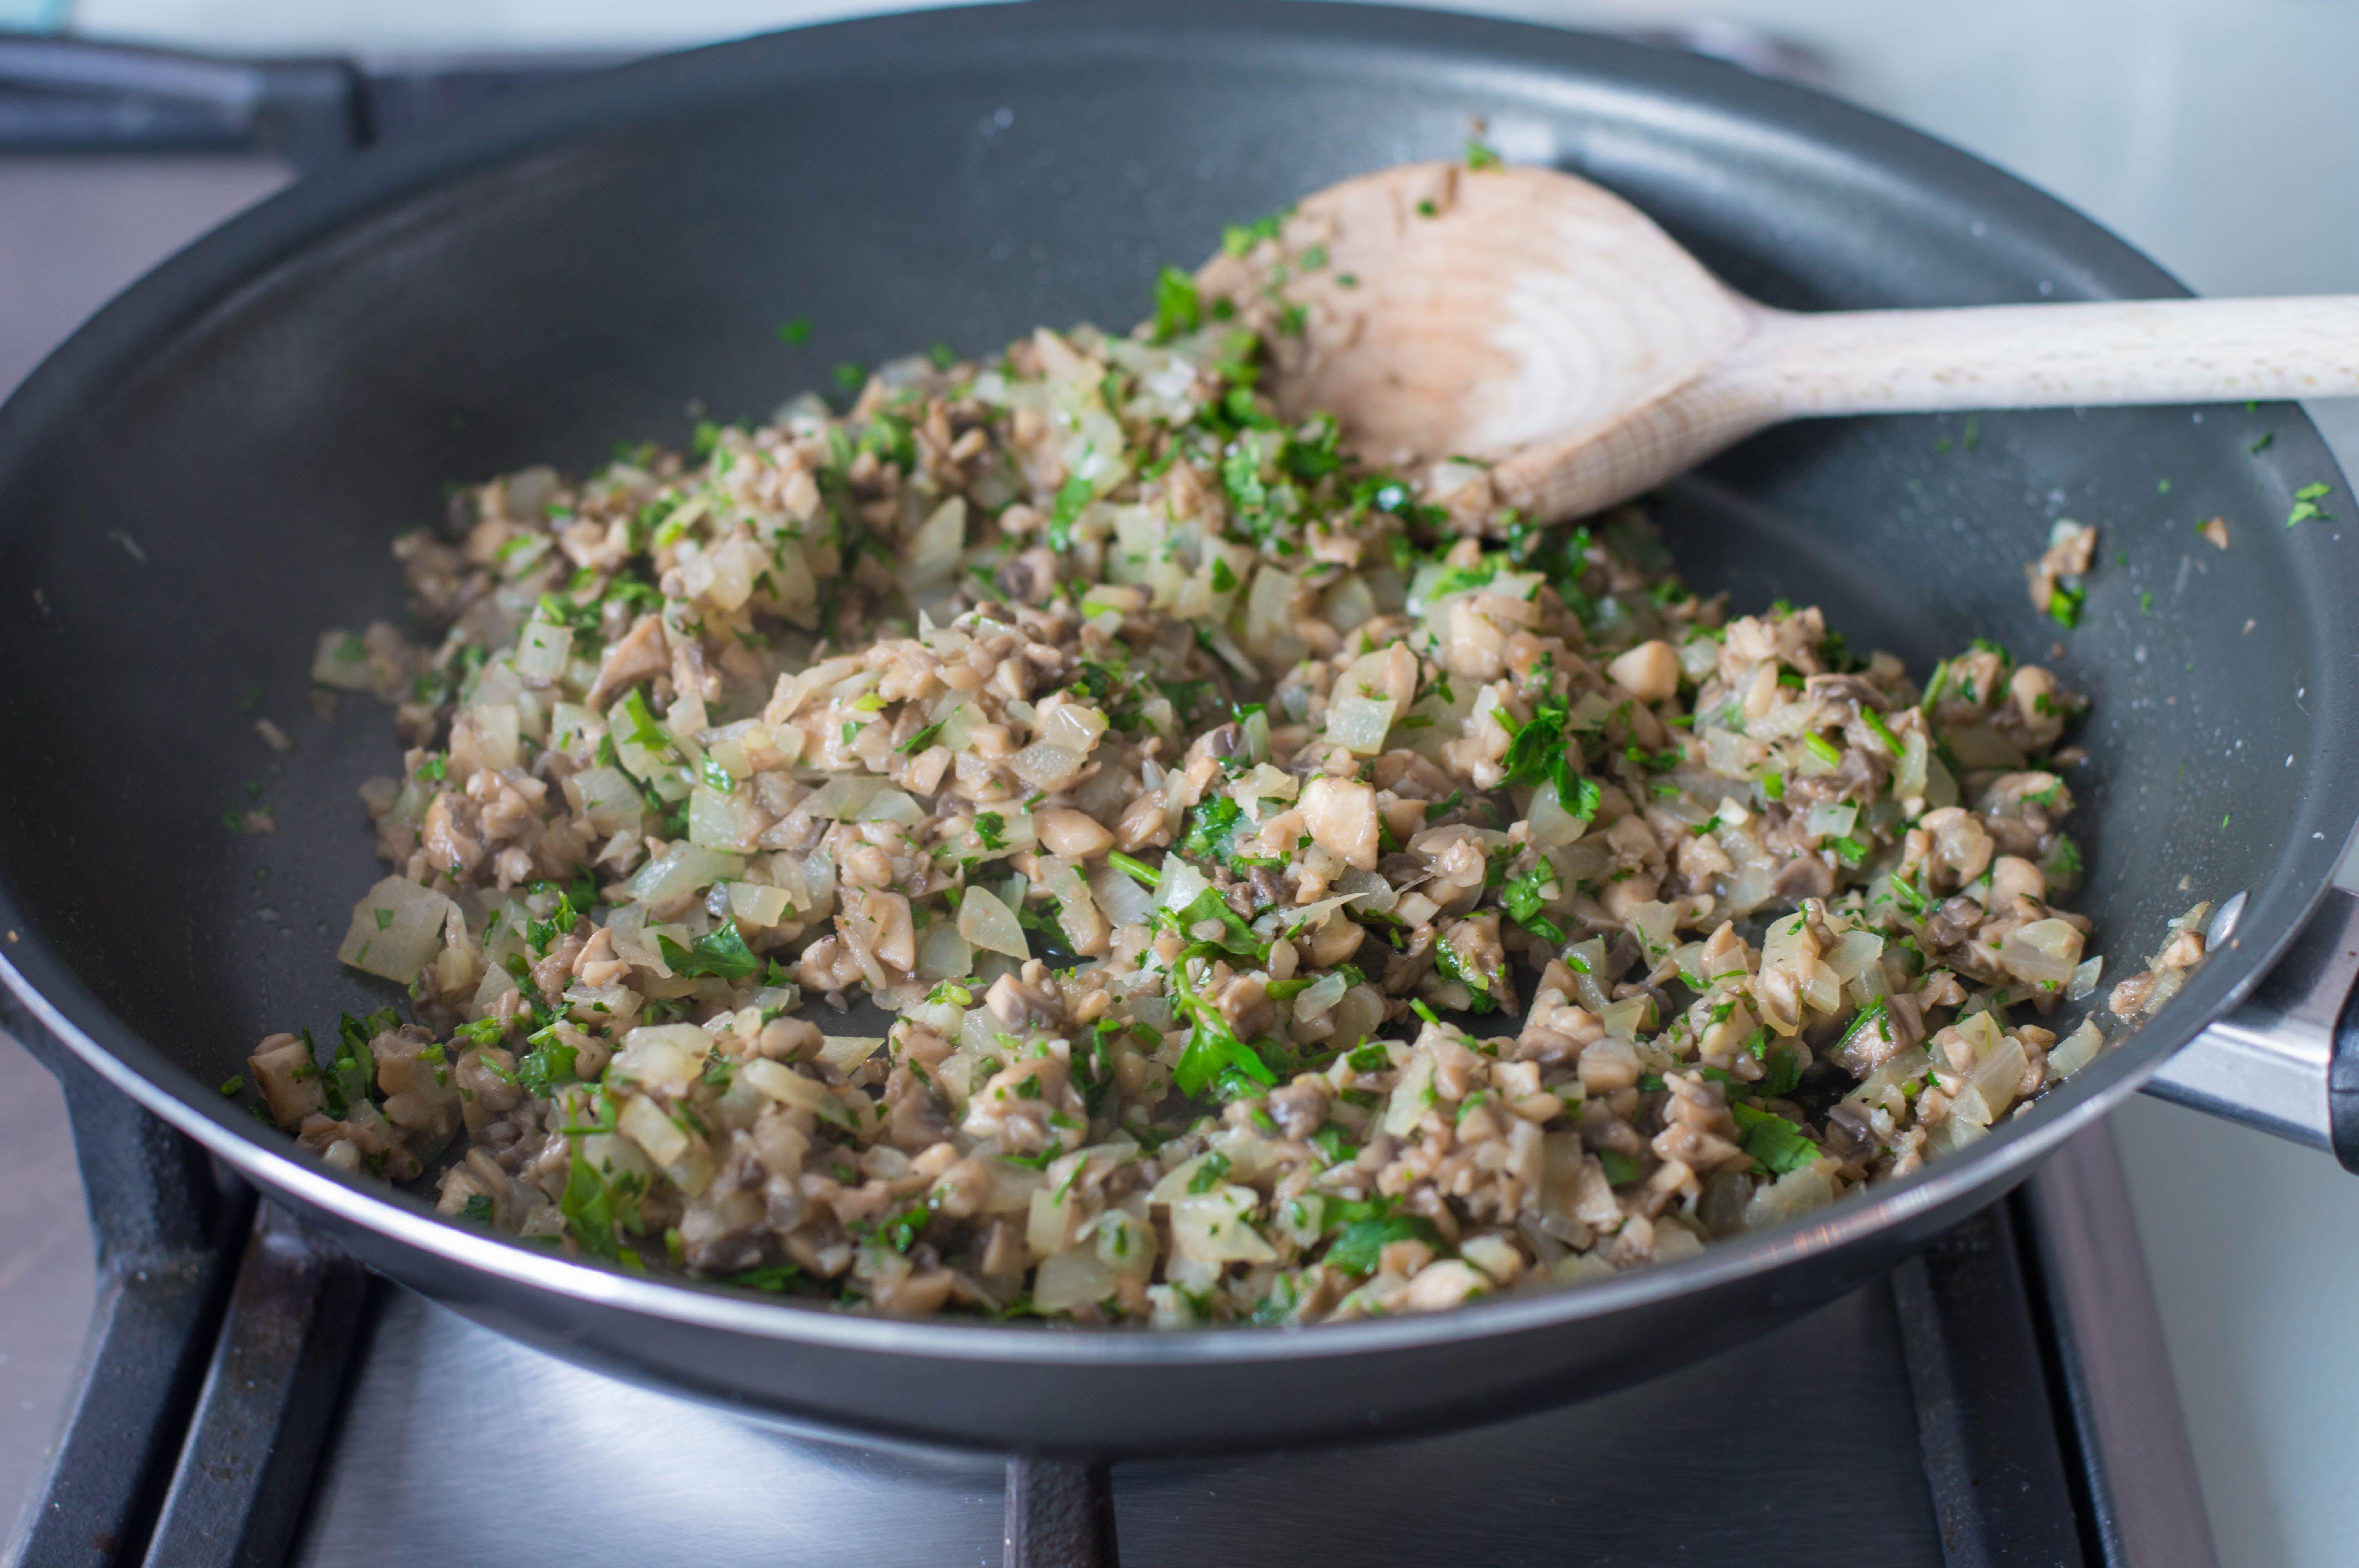 Stir in garlic and parsley